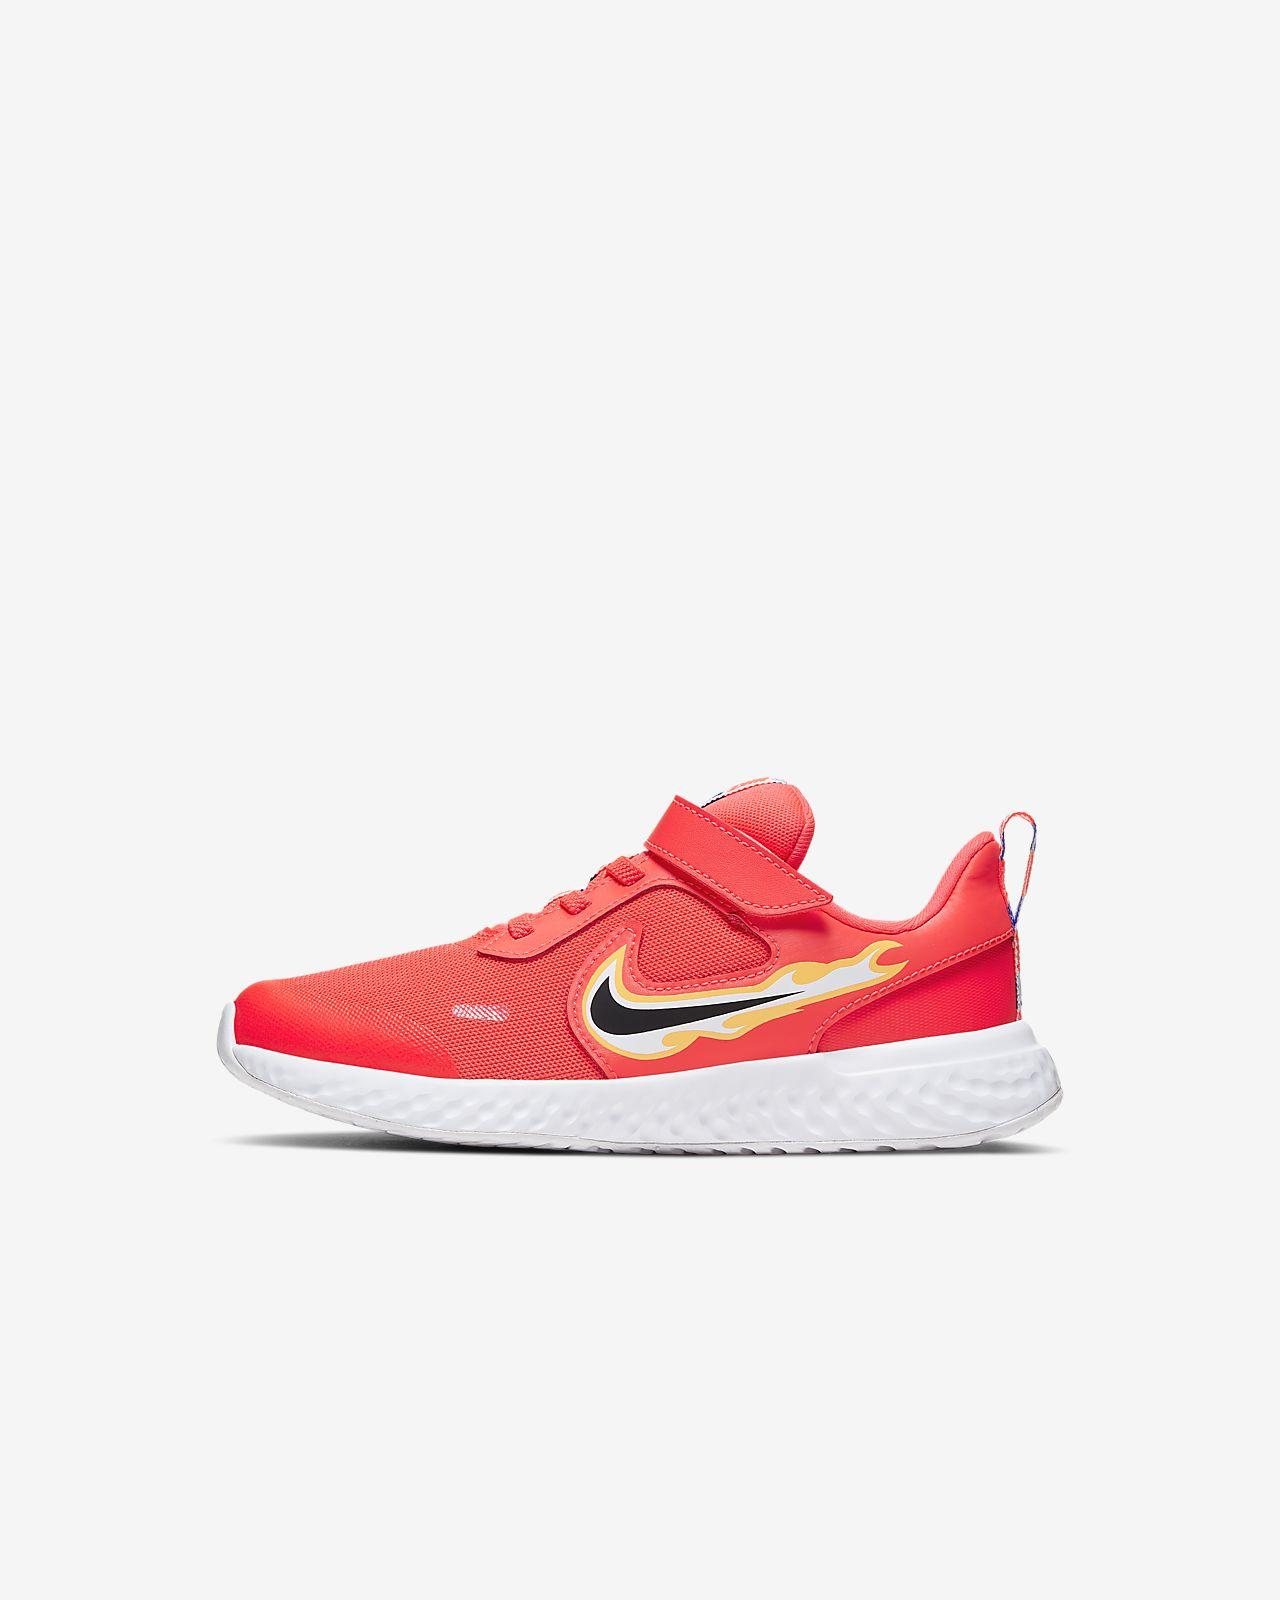 Кроссовки для дошкольников Nike Revolution 5 Fire